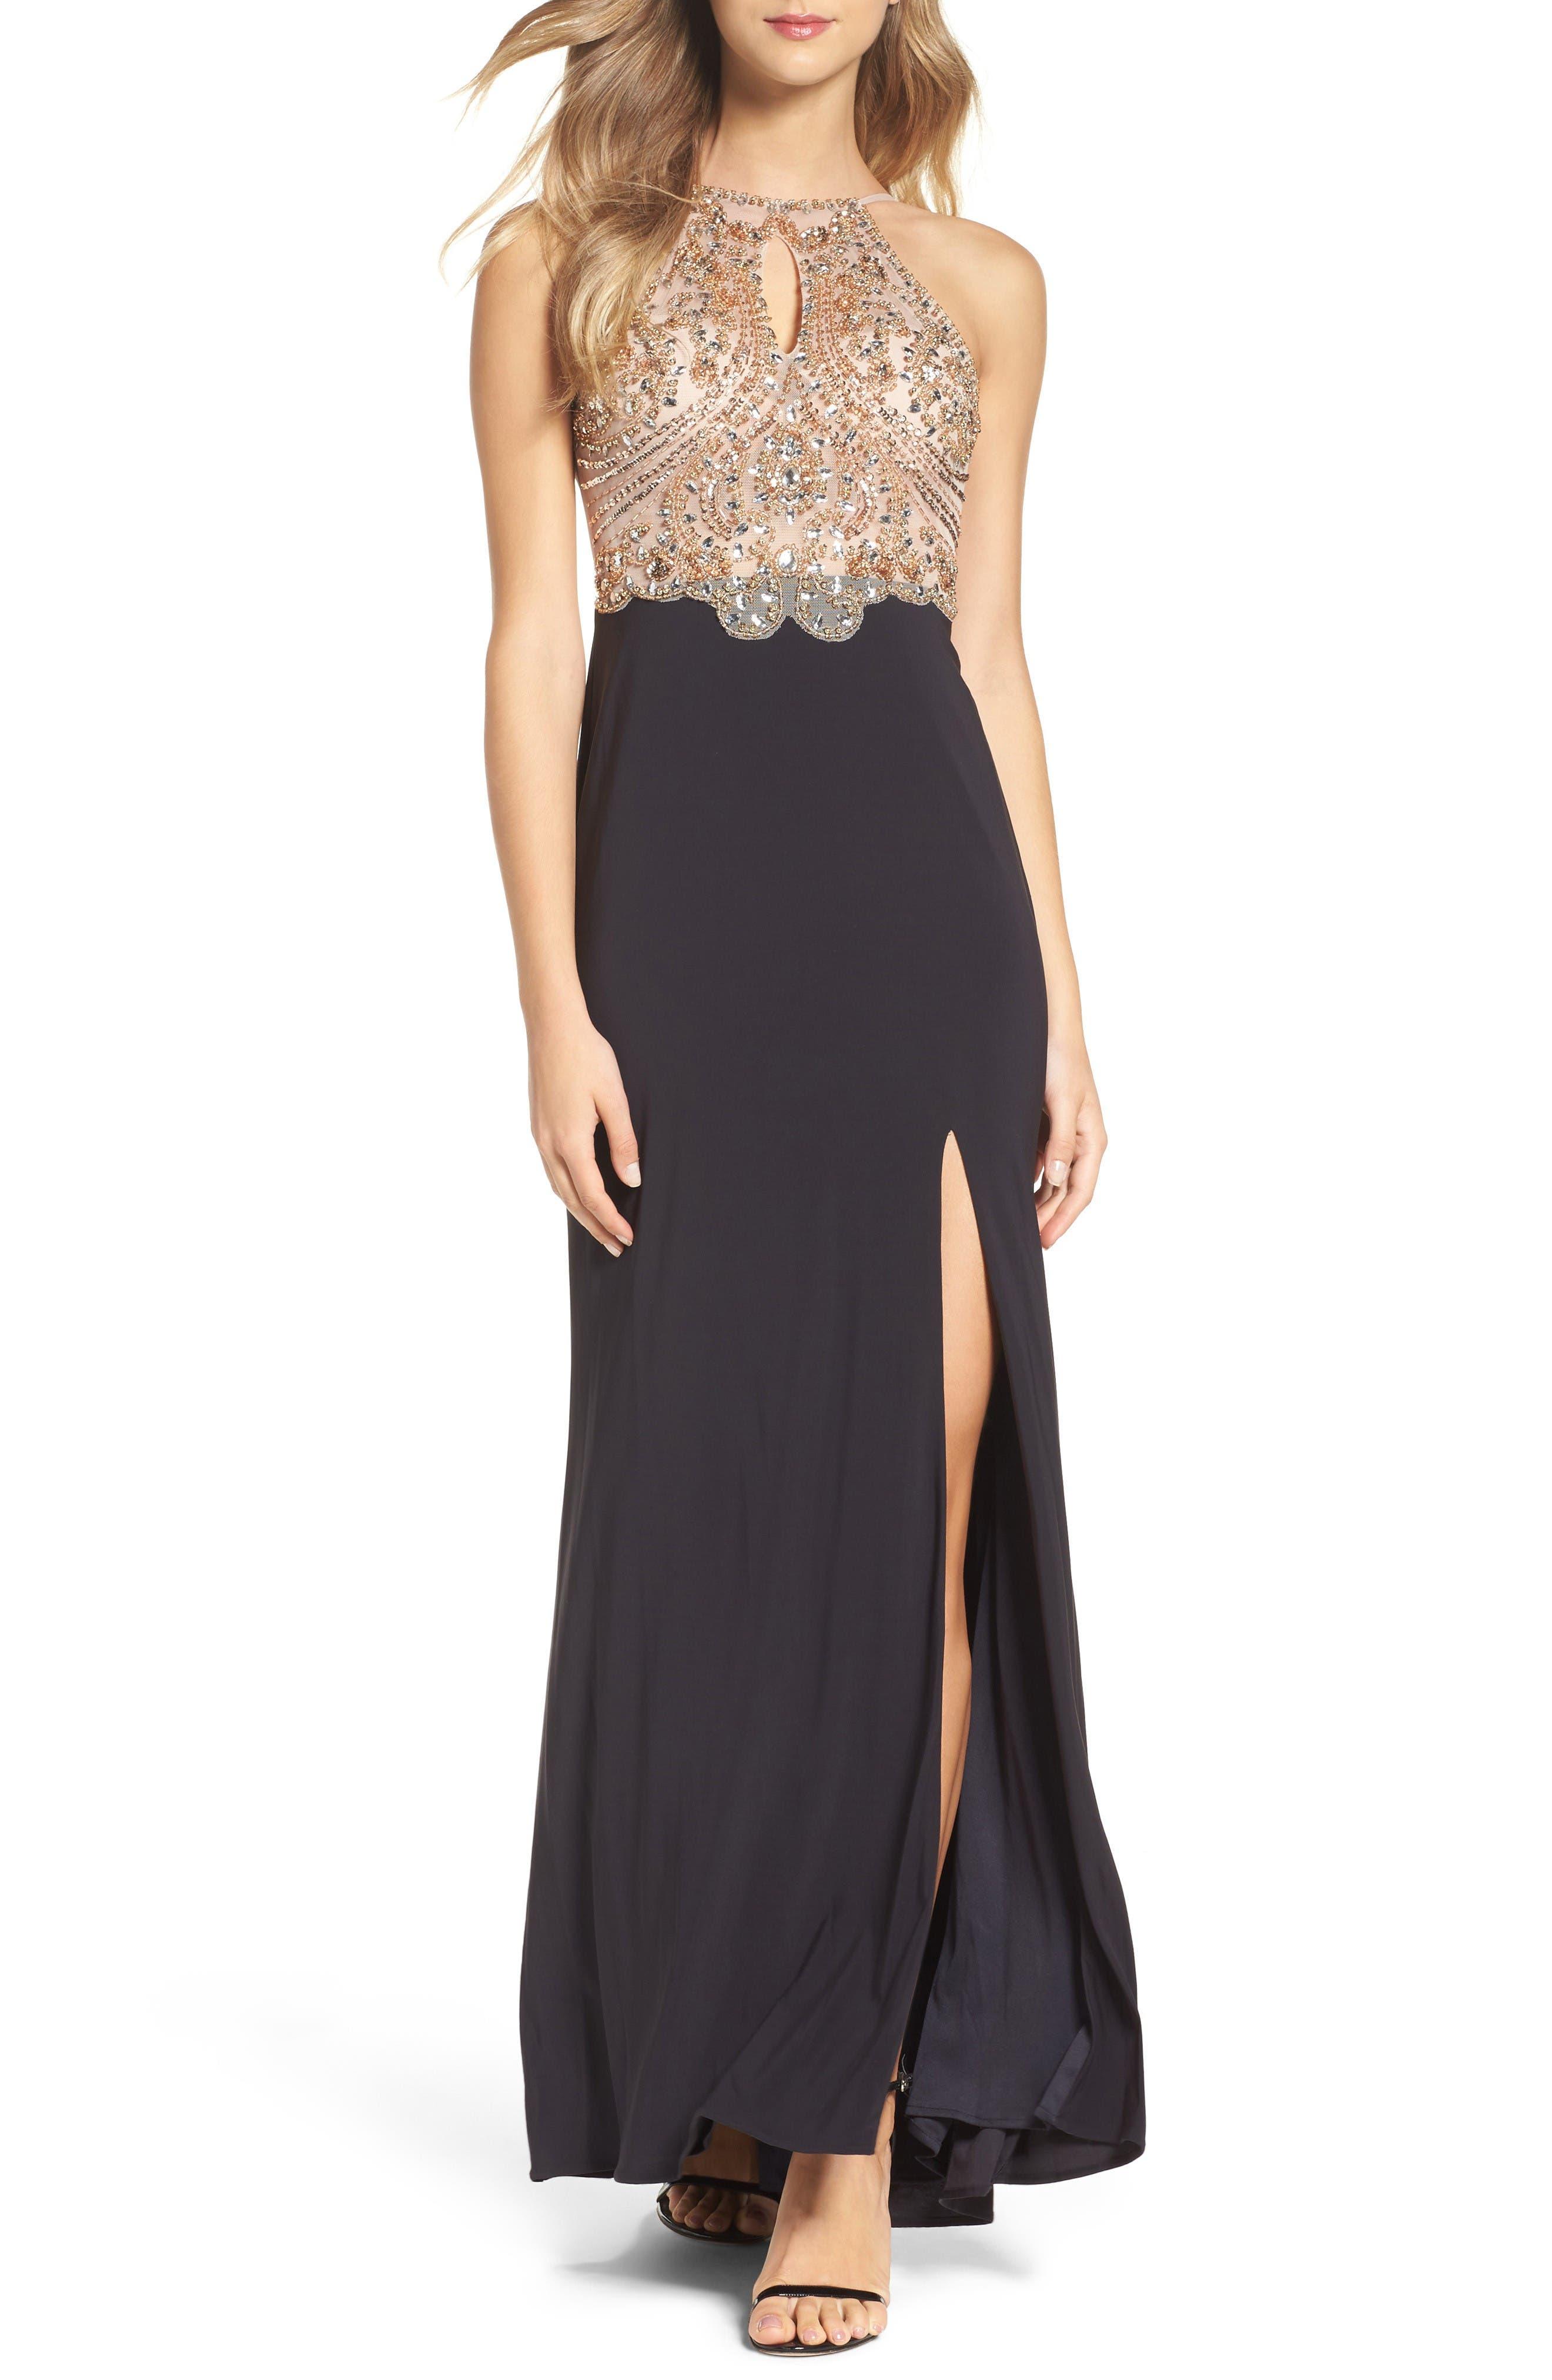 Blondie Nites Embellished Gown